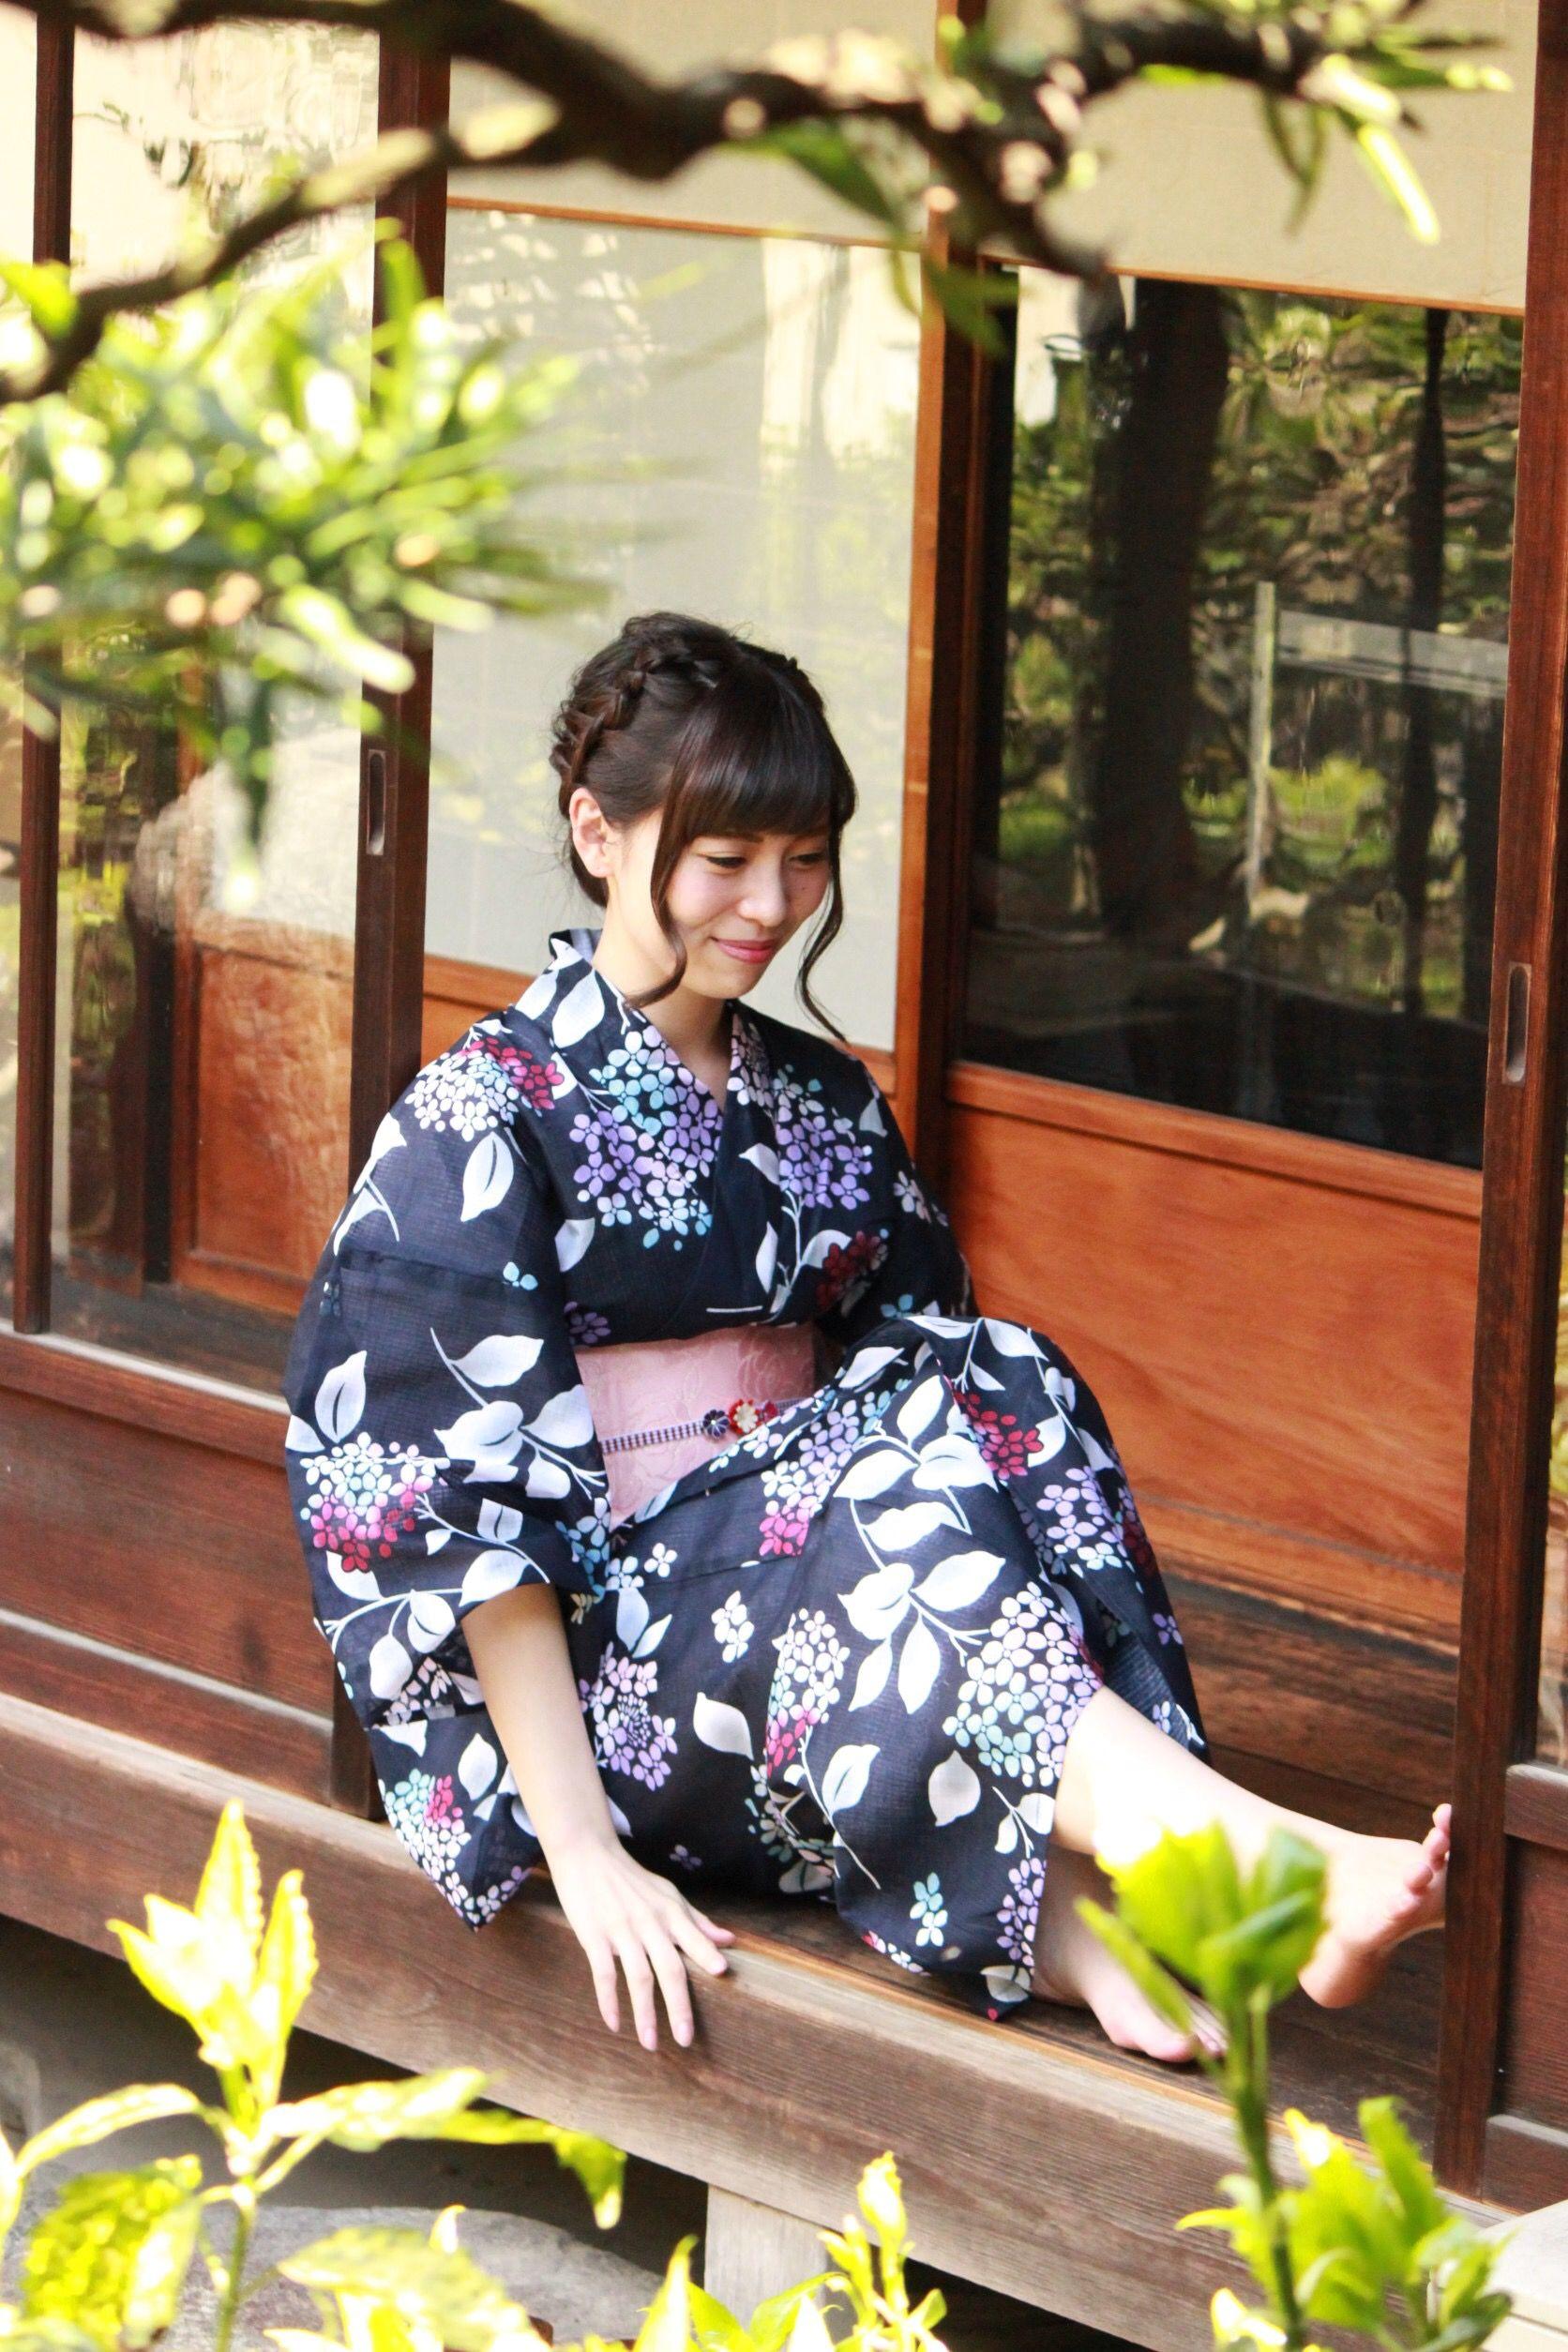 浴衣 ゆかた ユカタ yukata きもの京小町 モデル オリジナル 新作